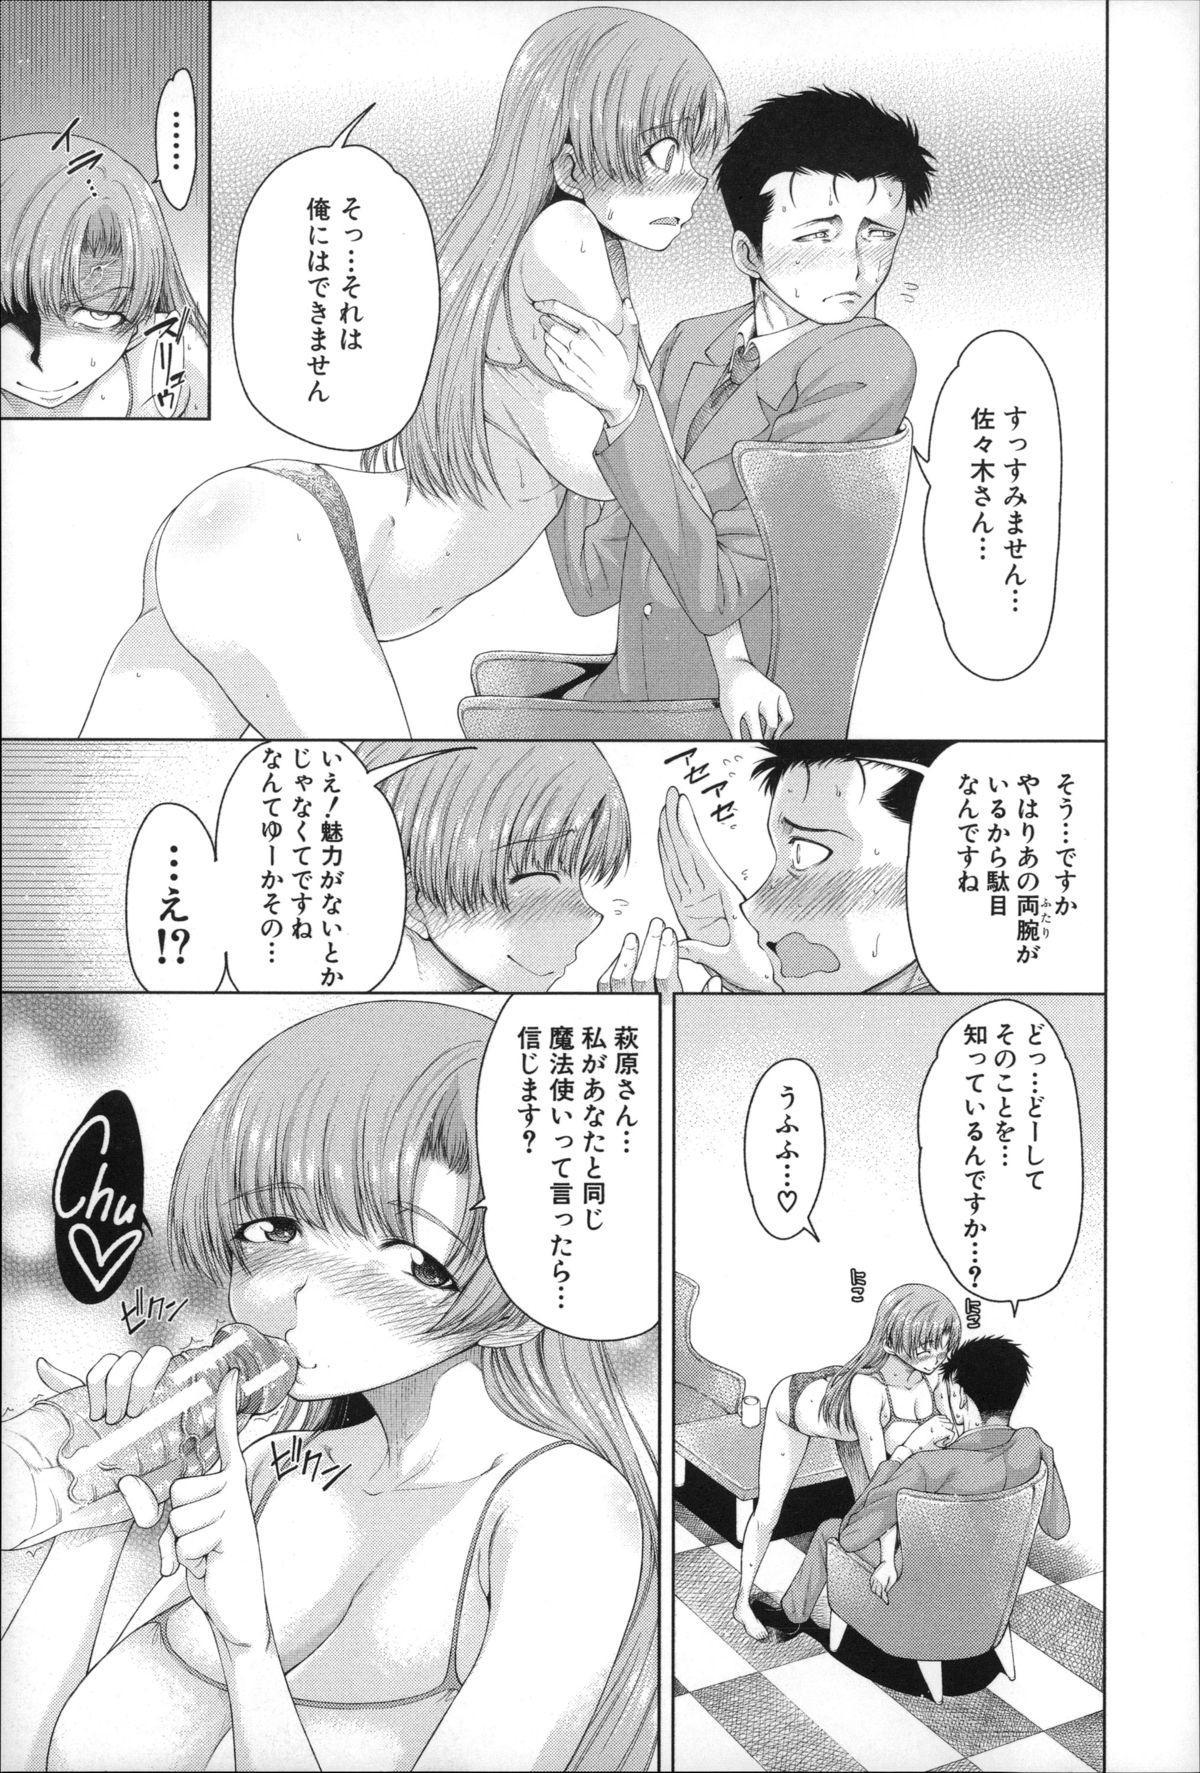 Migite ga Bishoujo ni Natta kara Sex Shita kedo Doutei dayone!! 119